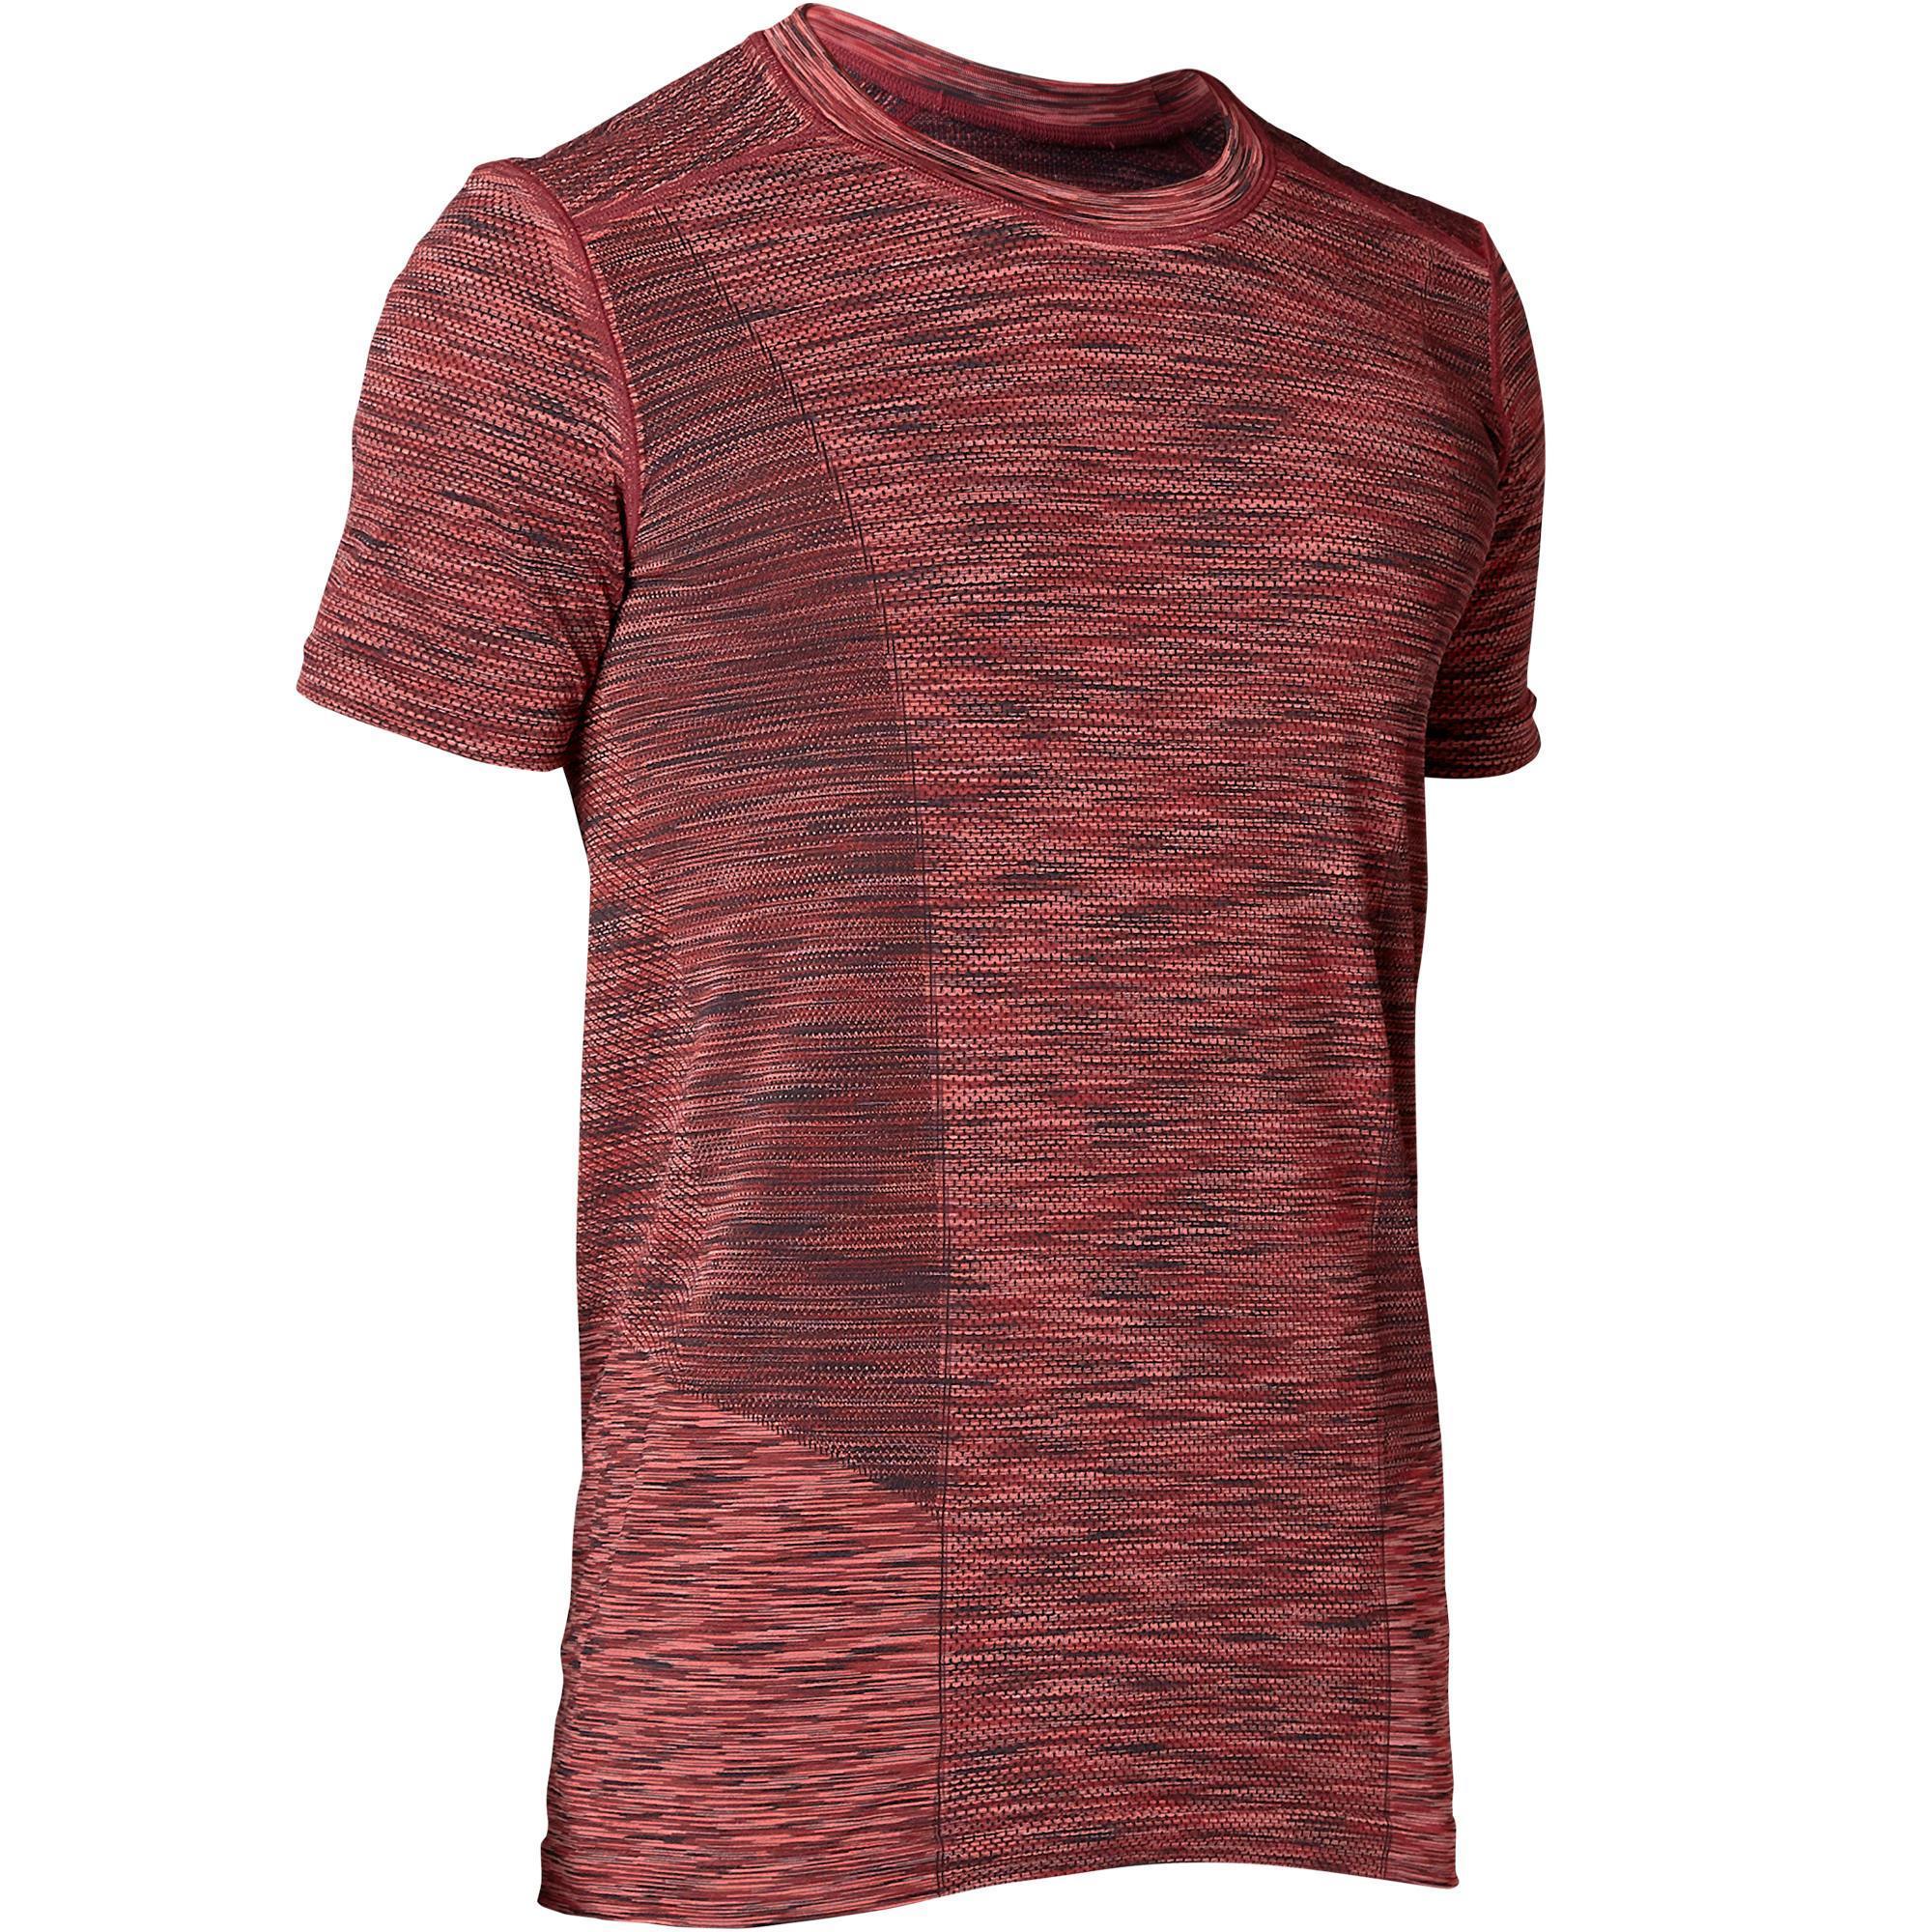 75eb1bef4b0 Kleding man - Naadloos heren T-shirt met korte mouwen voor yoga gemêleerd  bordeaux